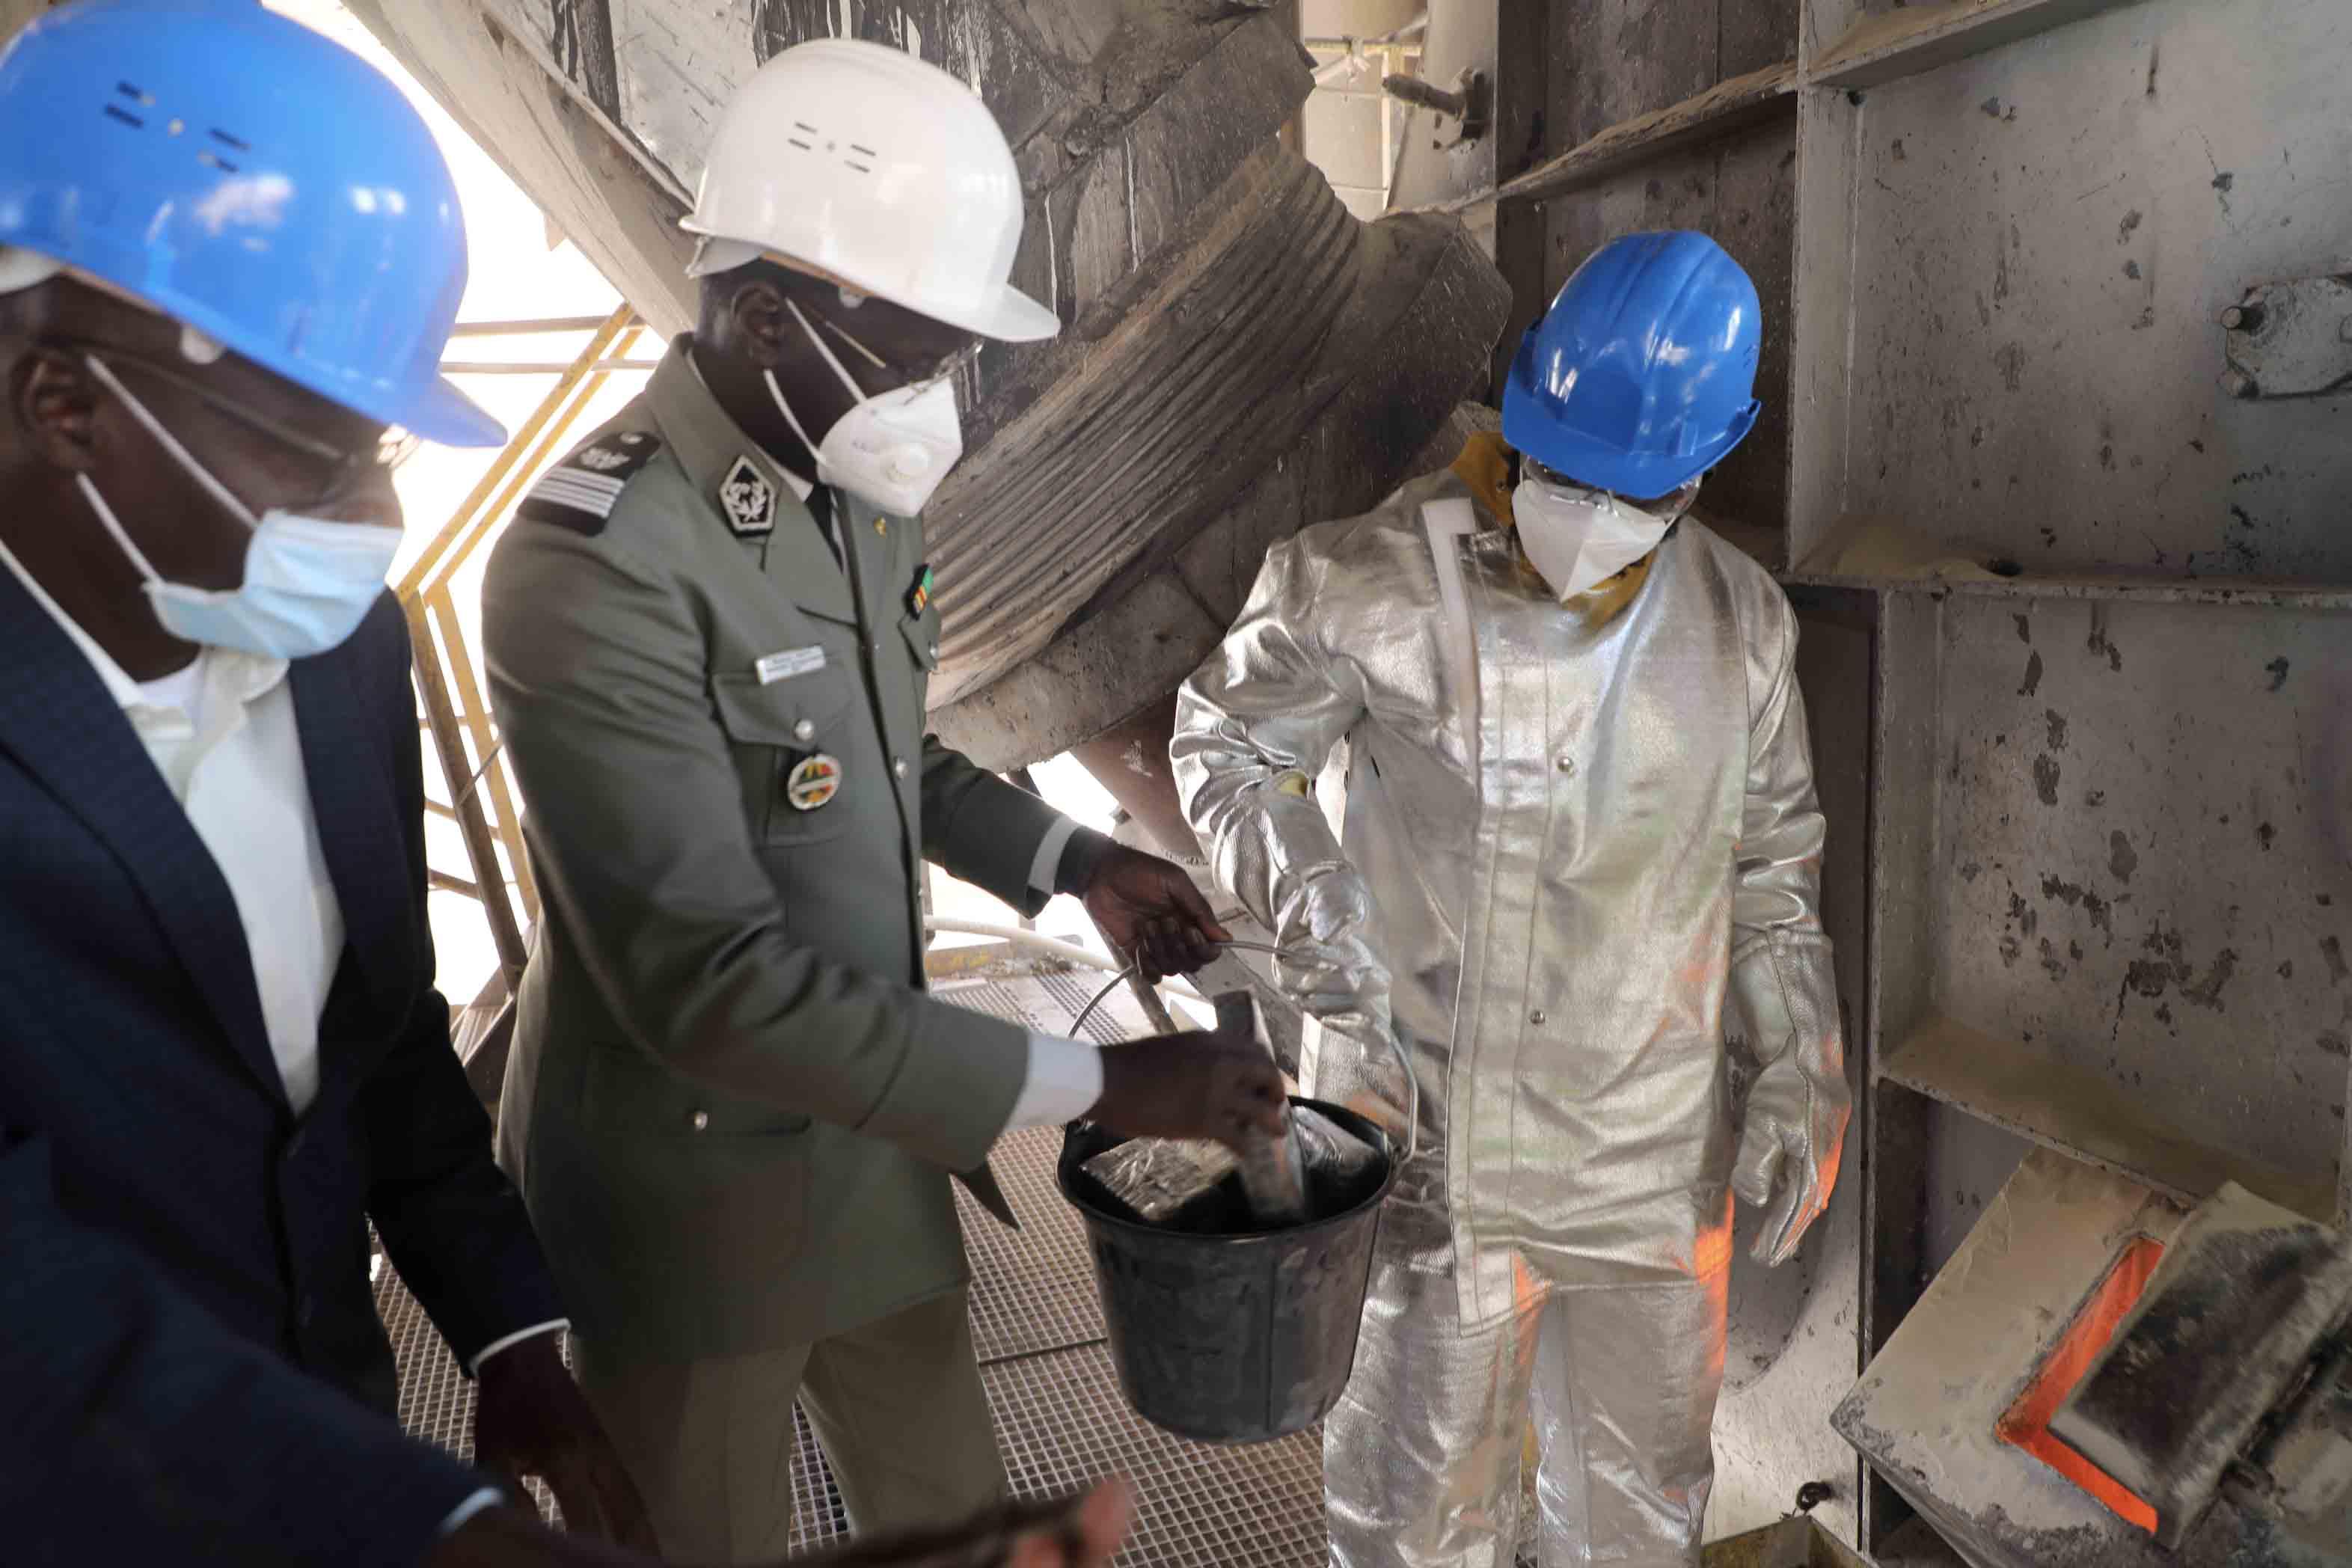 La Douane incinère des centaines de kilogrammes de Cocaïne et de Haschich